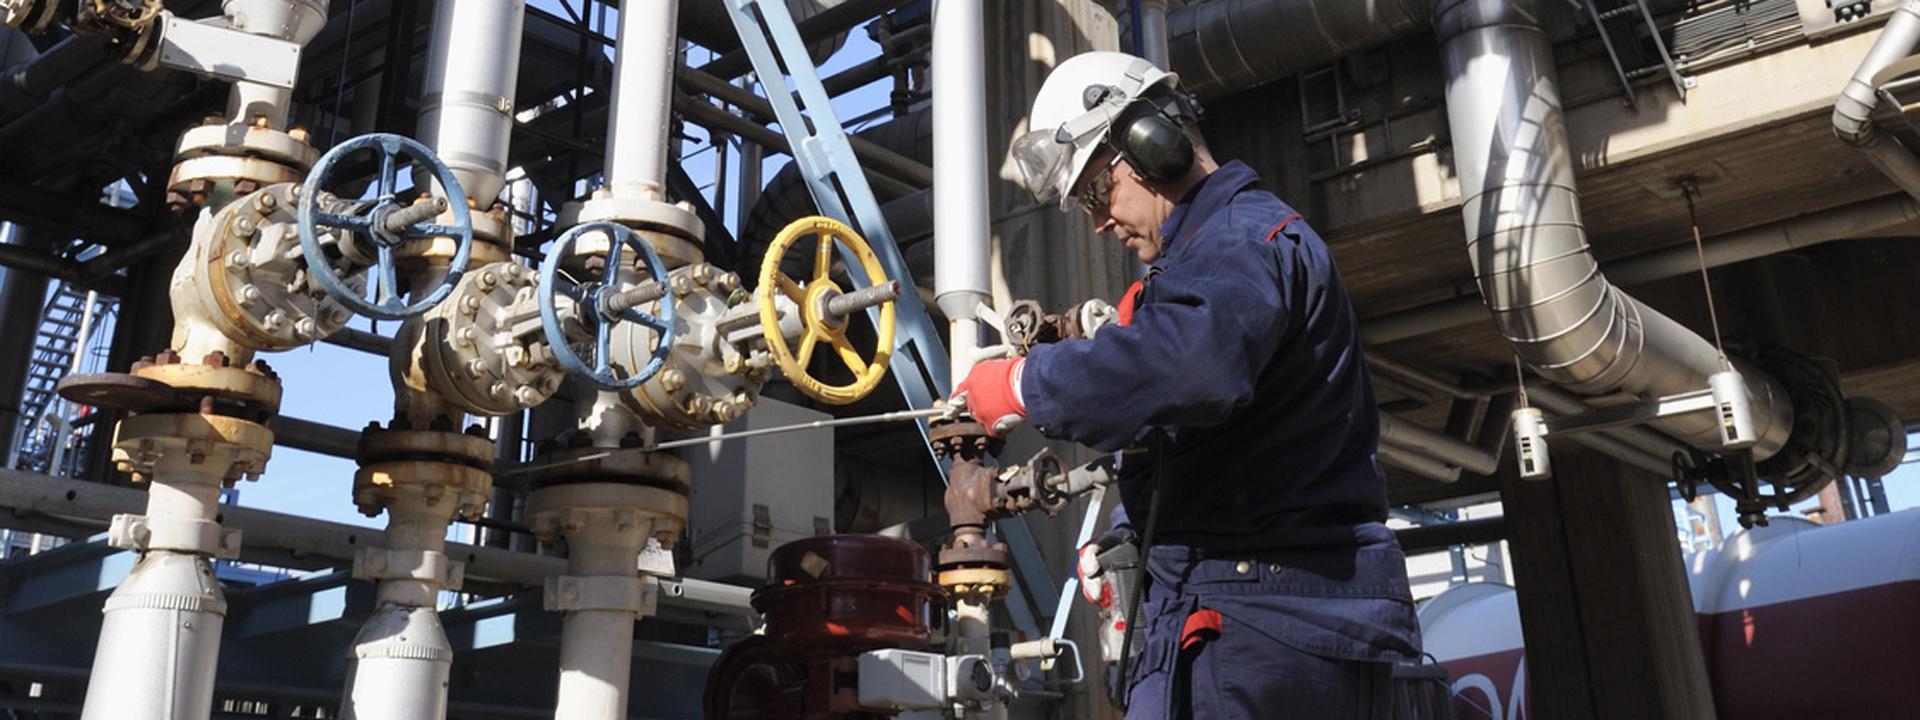 Industrielösungen in der Gaswarntechnik.